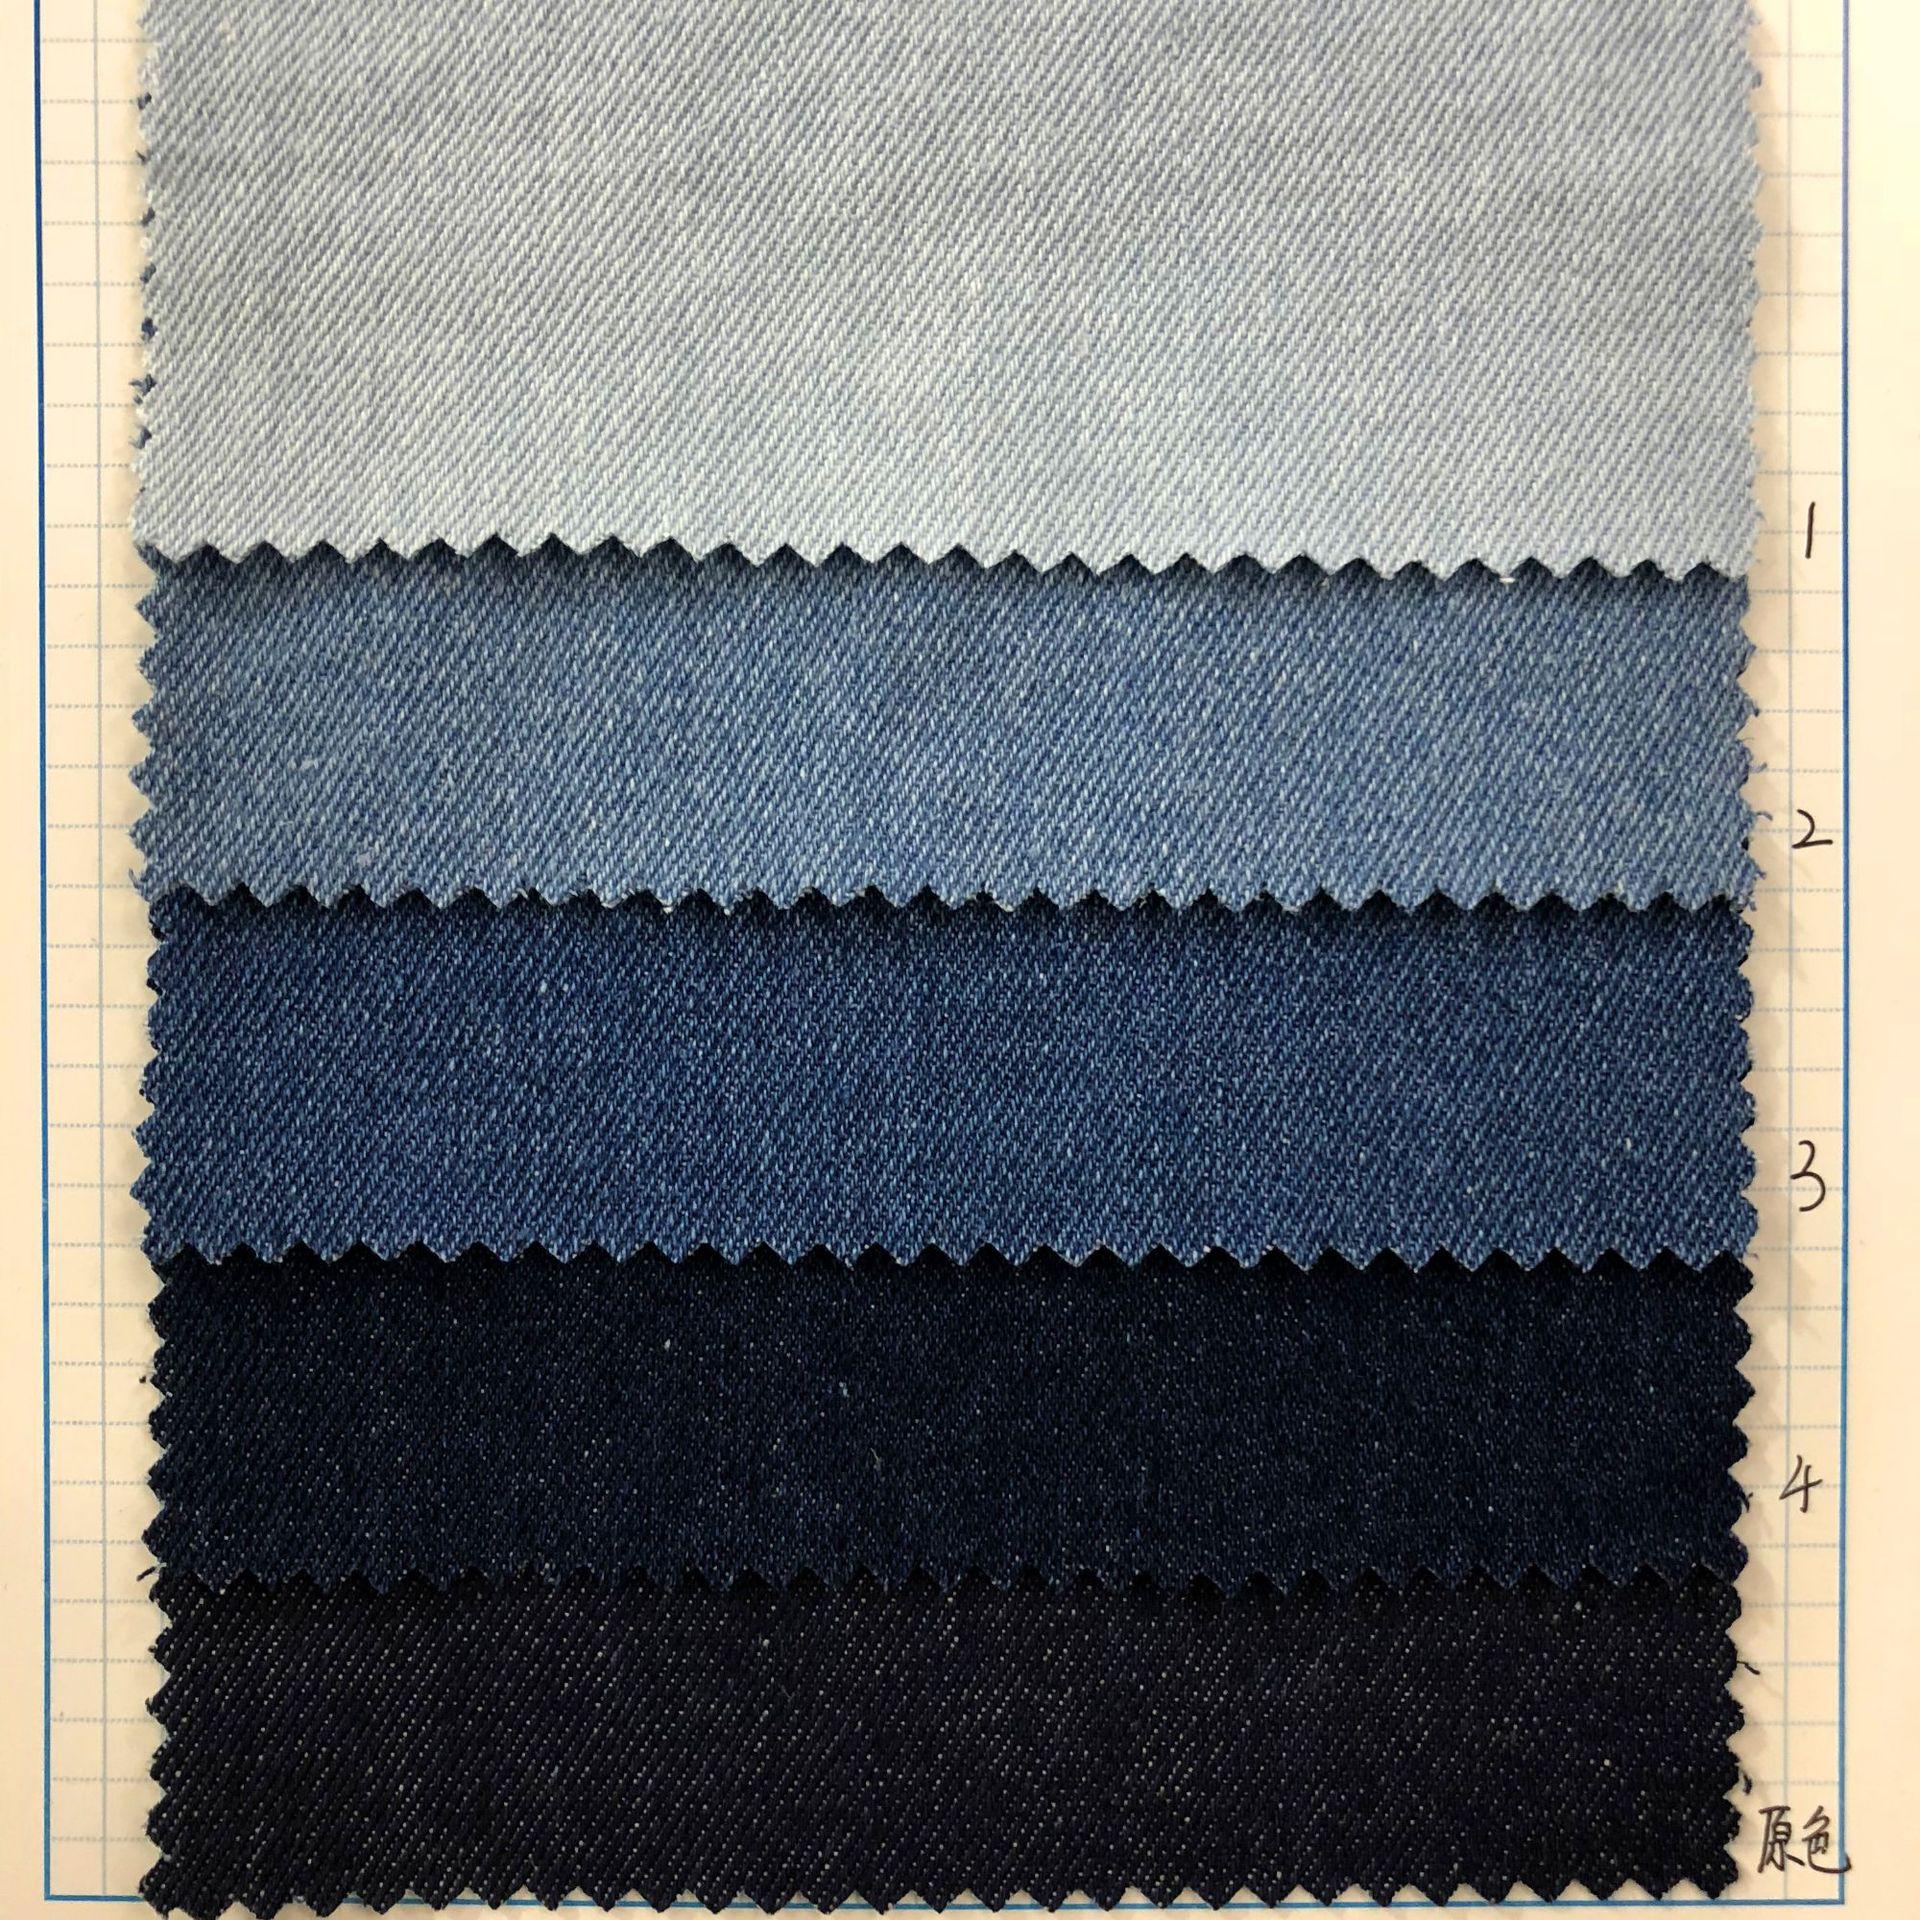 HONGFENG Vải Jean Mùa thu đông 2018 10 chiếc quần denim nữ bằng vải denim nữ giặt denim